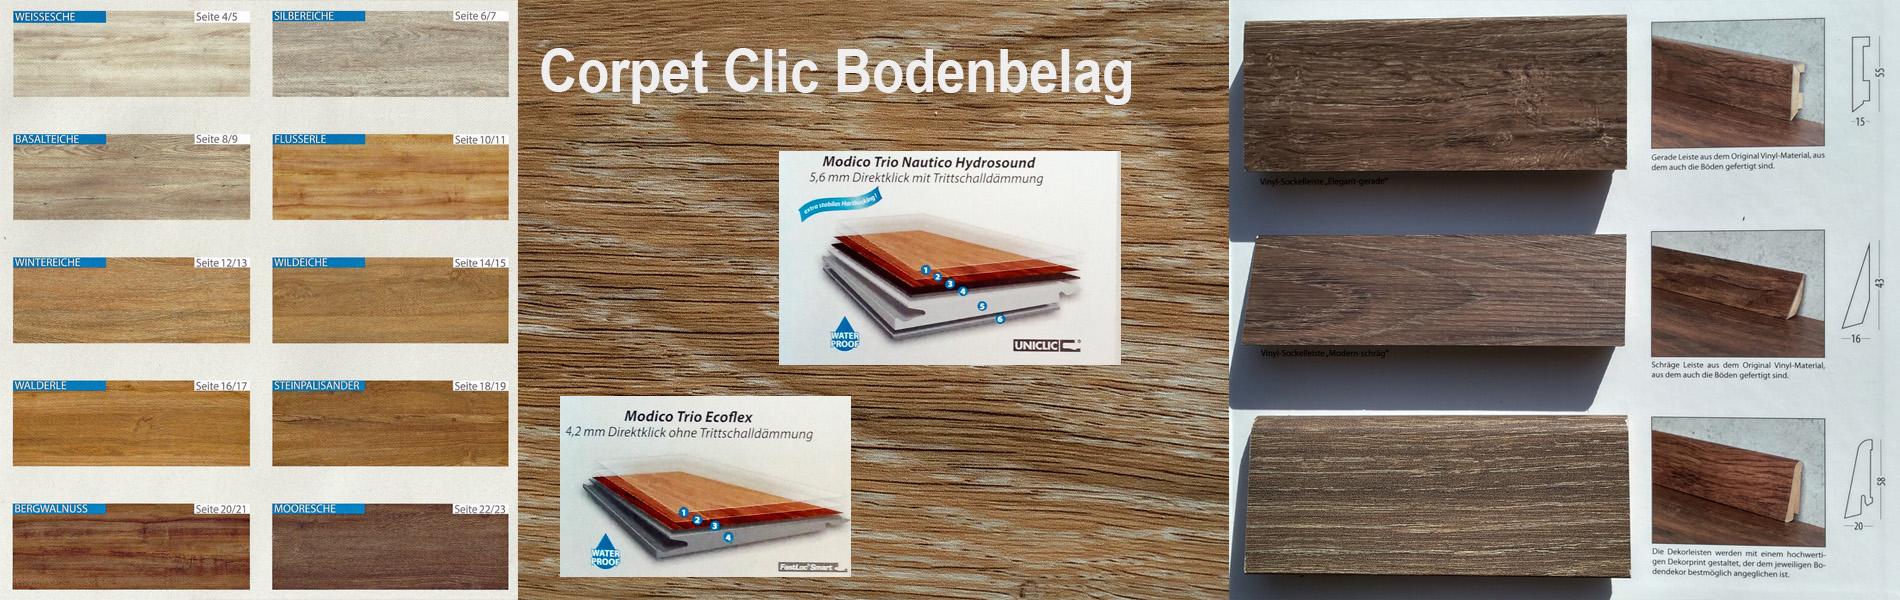 Corpet Clic Bodenbeläge